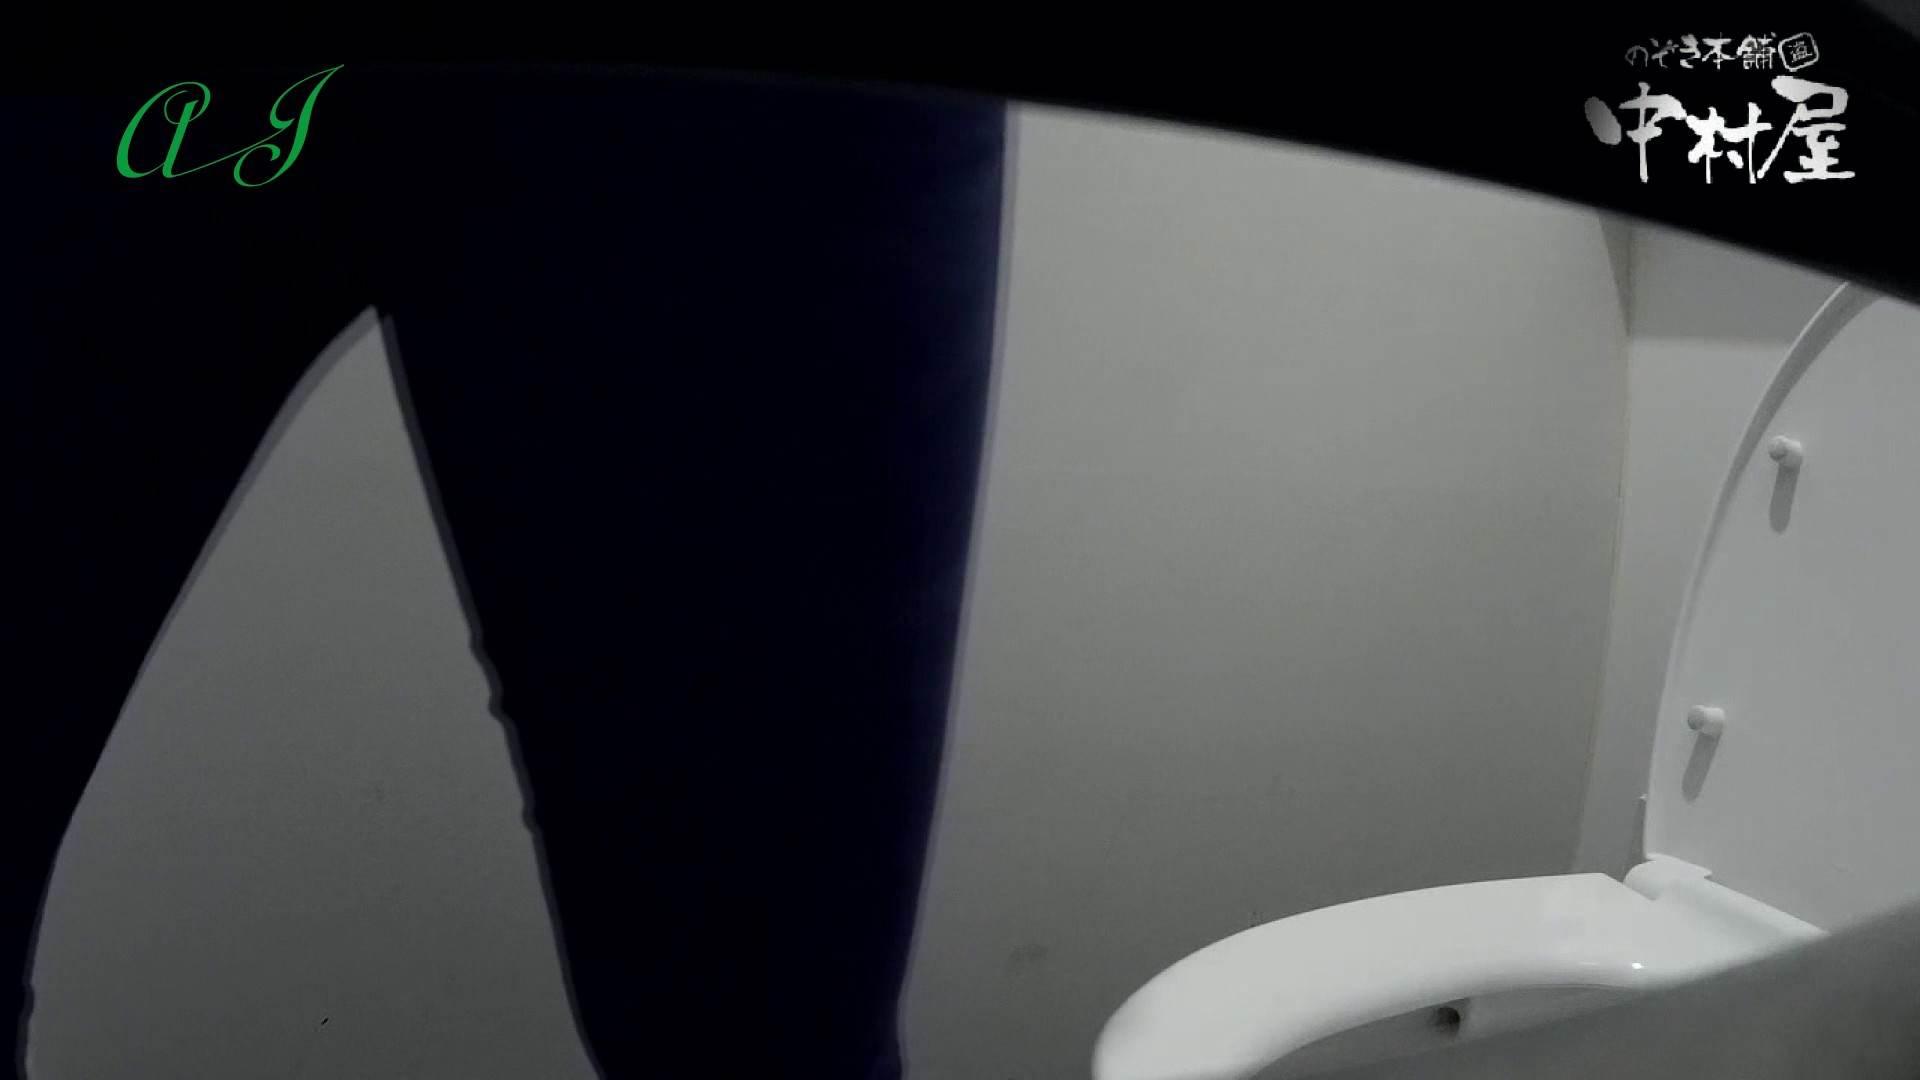 有名大学女性洗面所 vol.59 新アングル追加!相変わらずの美女率!! 投稿 セックス画像 12pic 10